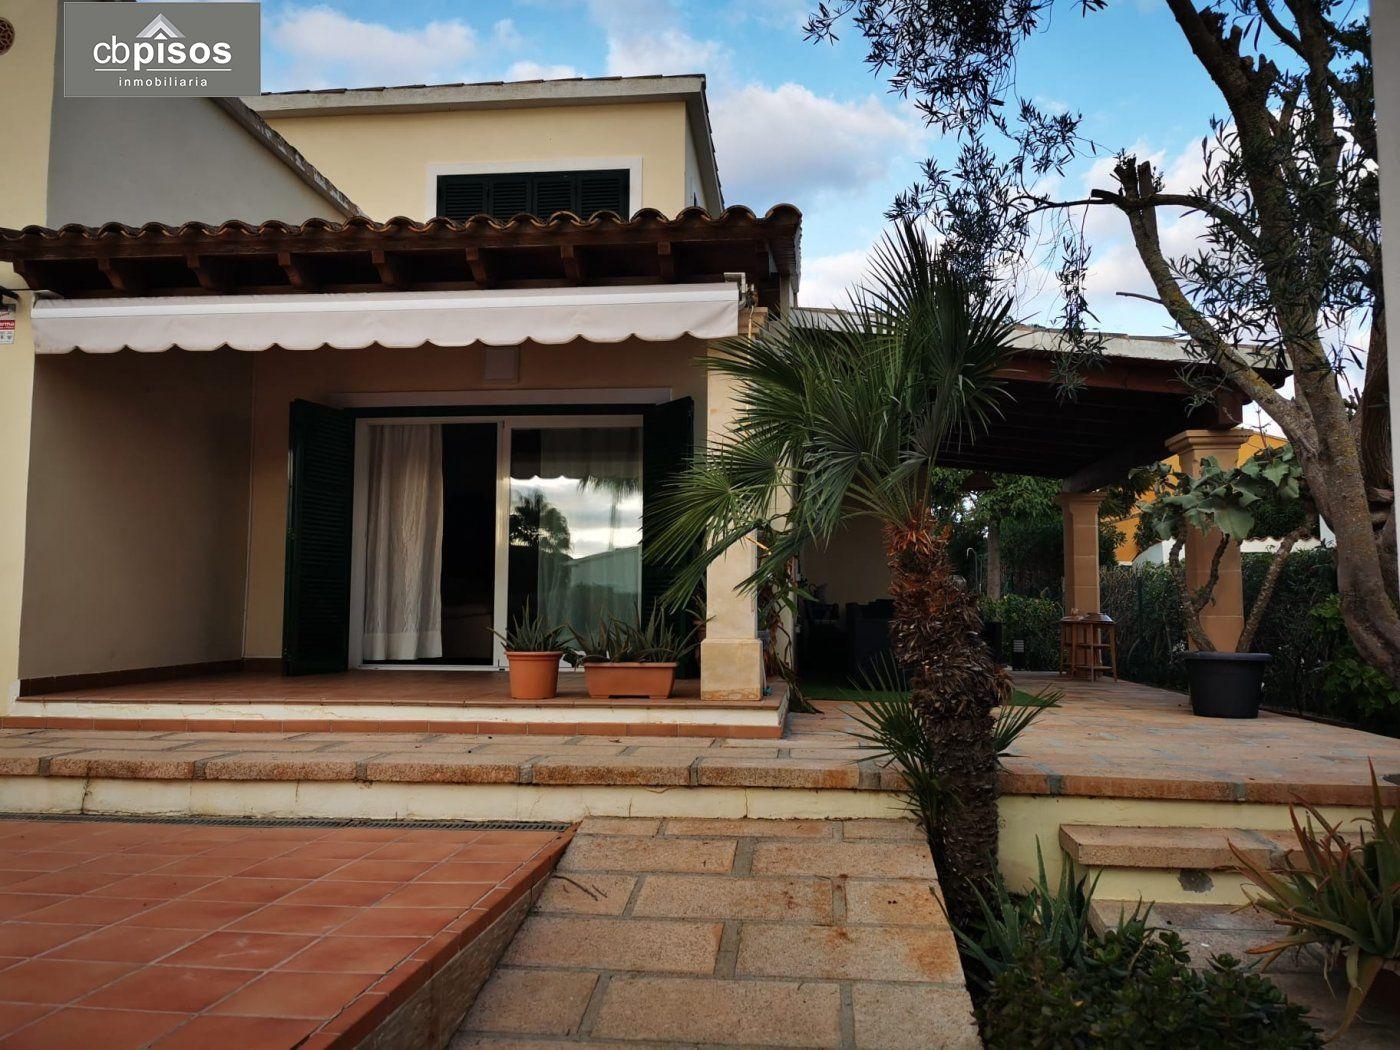 Alquiler Casa  Campos ,sa ràpita. Precioso chalet con piscina en dalt sa ràpita